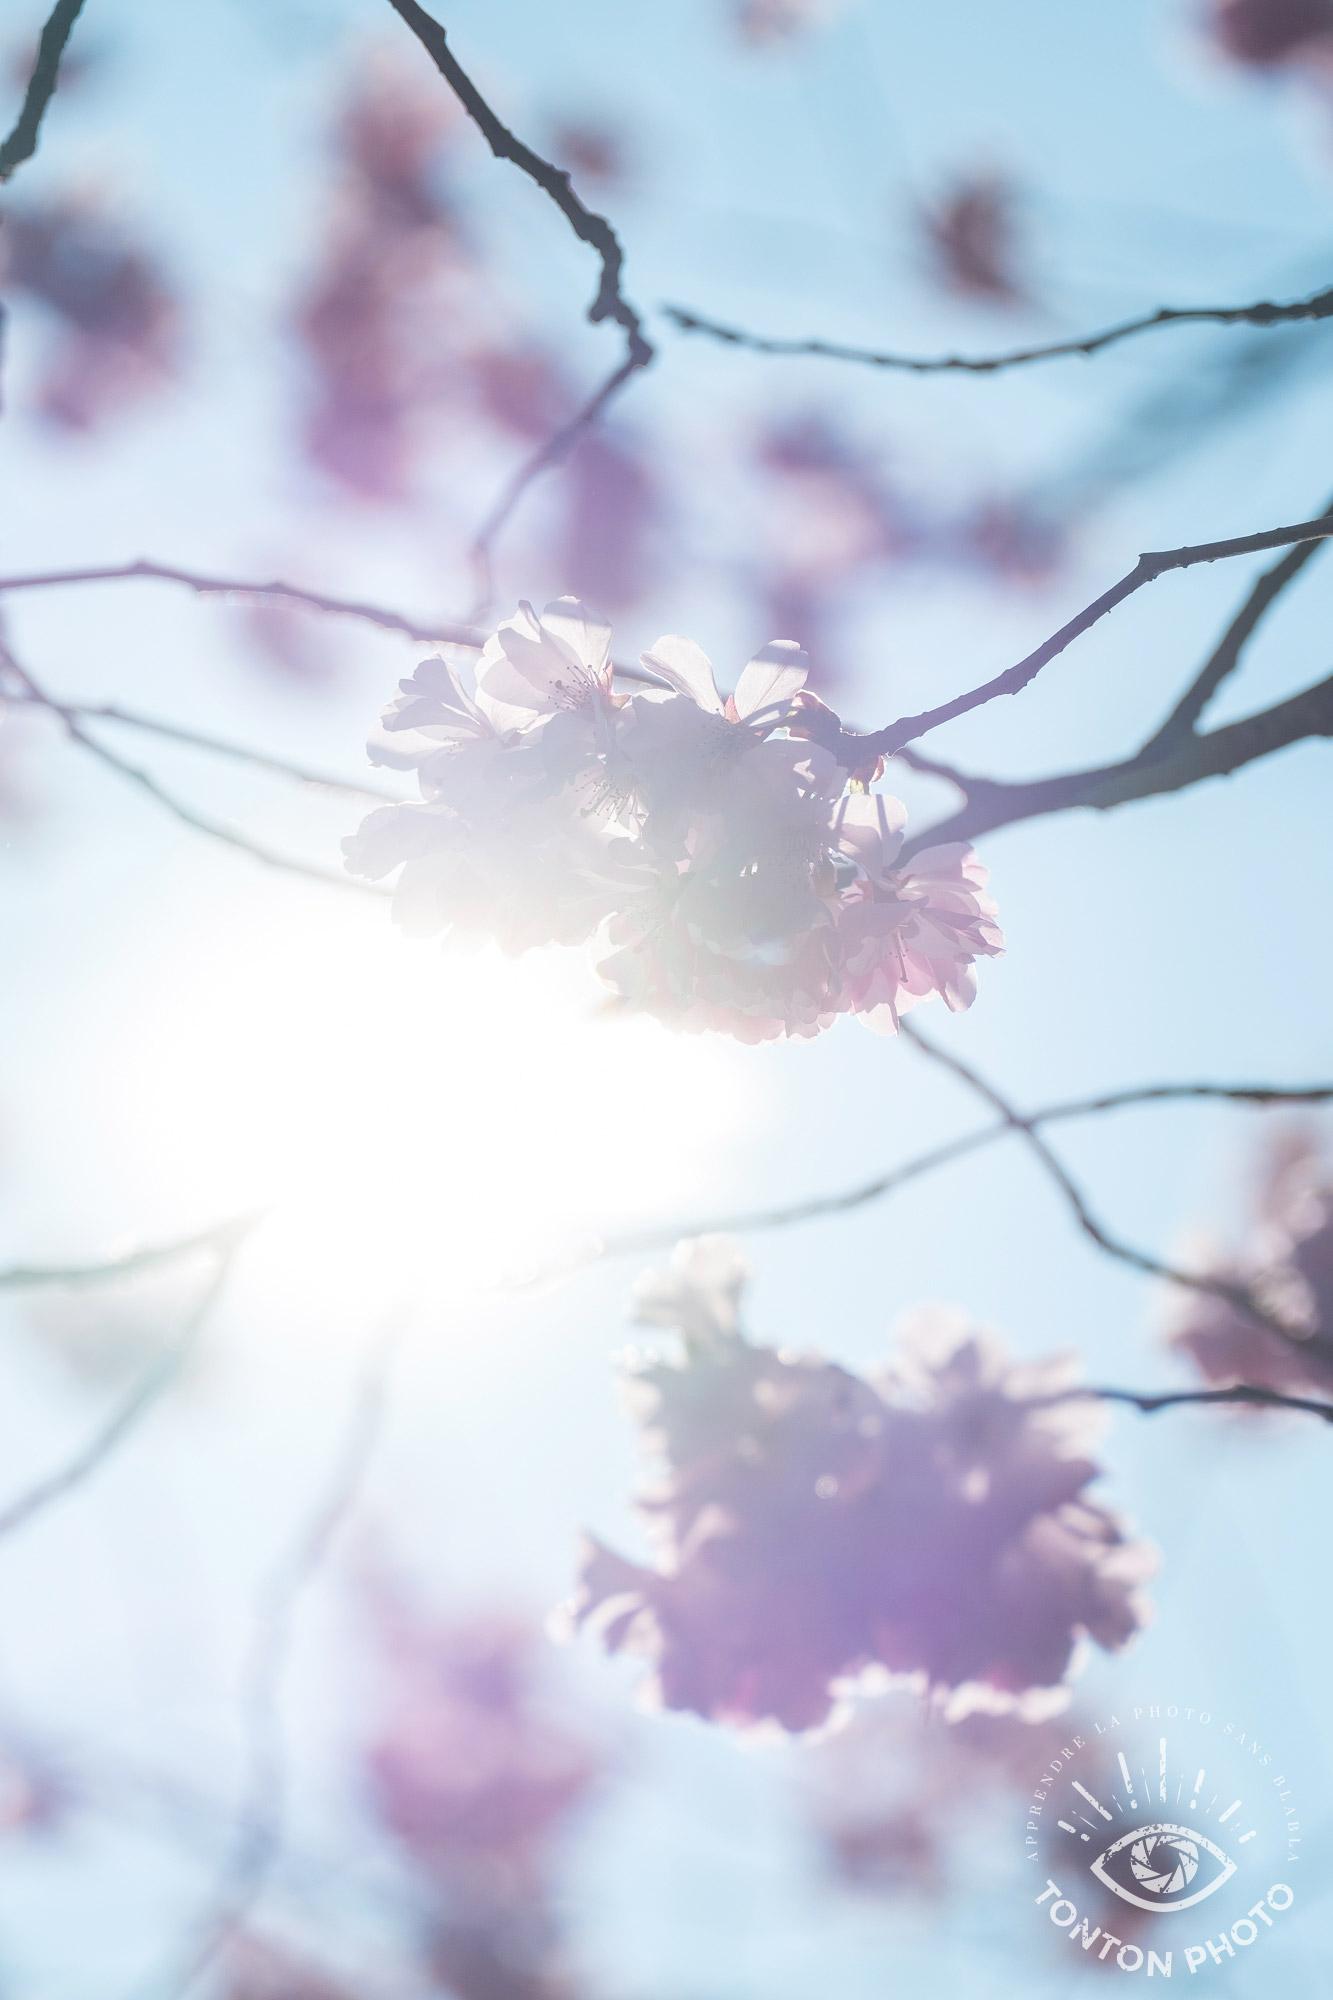 Soleil  de printemps caché derrière les fleurs de cerisier. Si je n'ai pas pu capter la forme des rayons car j'avais choisi une grande ouverture pour obtenir une faible profondeur de champ, le halo solaire est là et restitue exactement l'ambiance que j'ai vécue sur place. © Tonton Photo